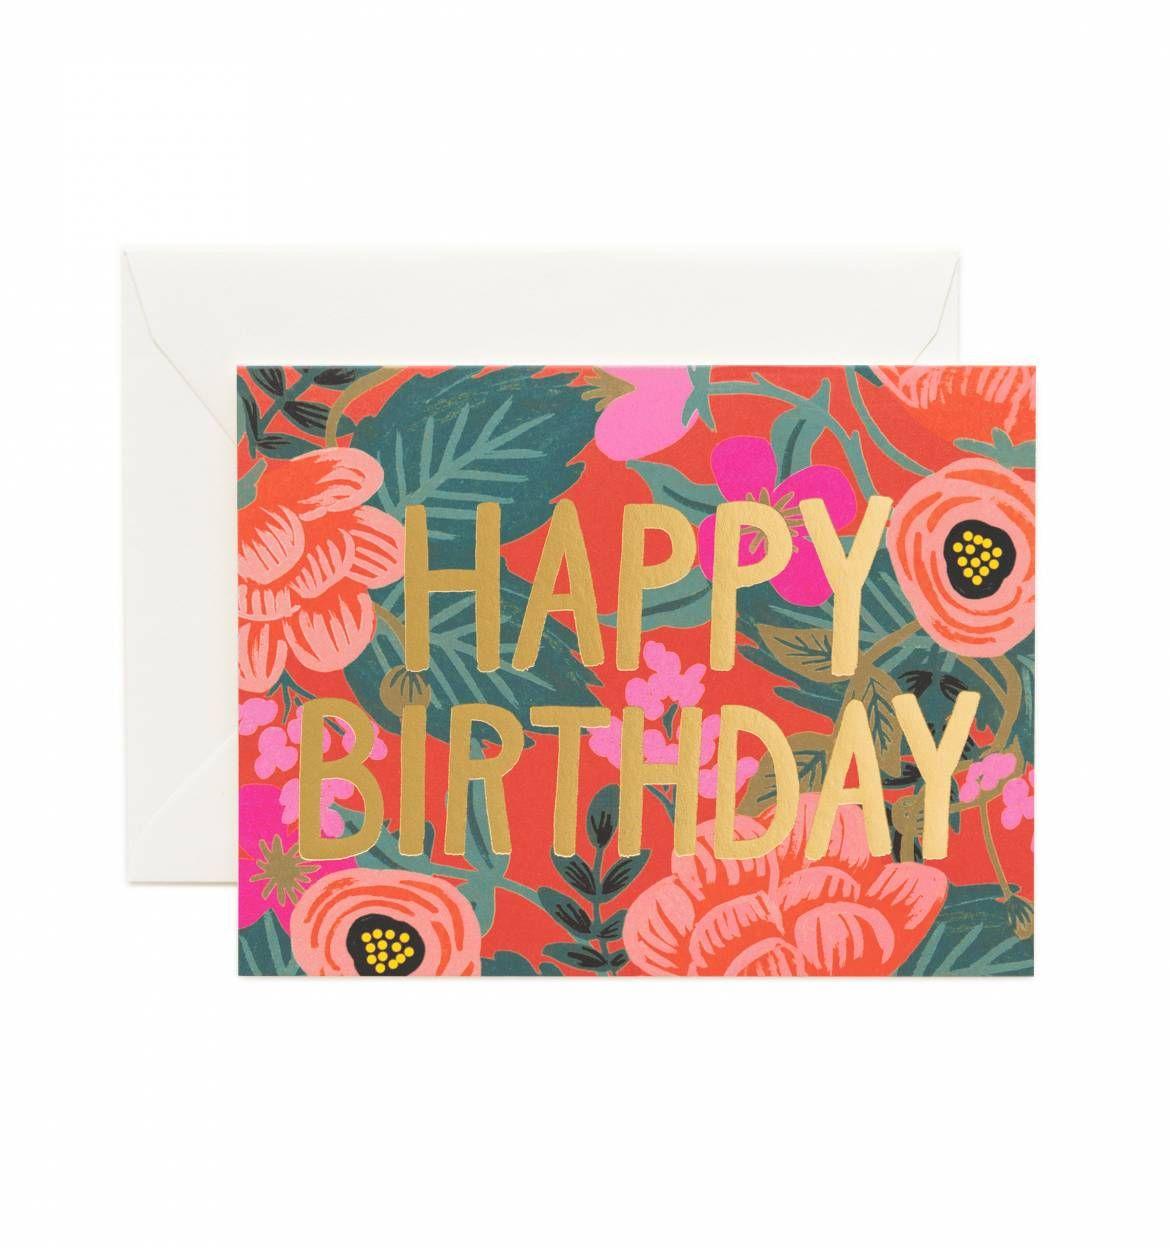 Poppy Birthday – Birthday Cards Printed